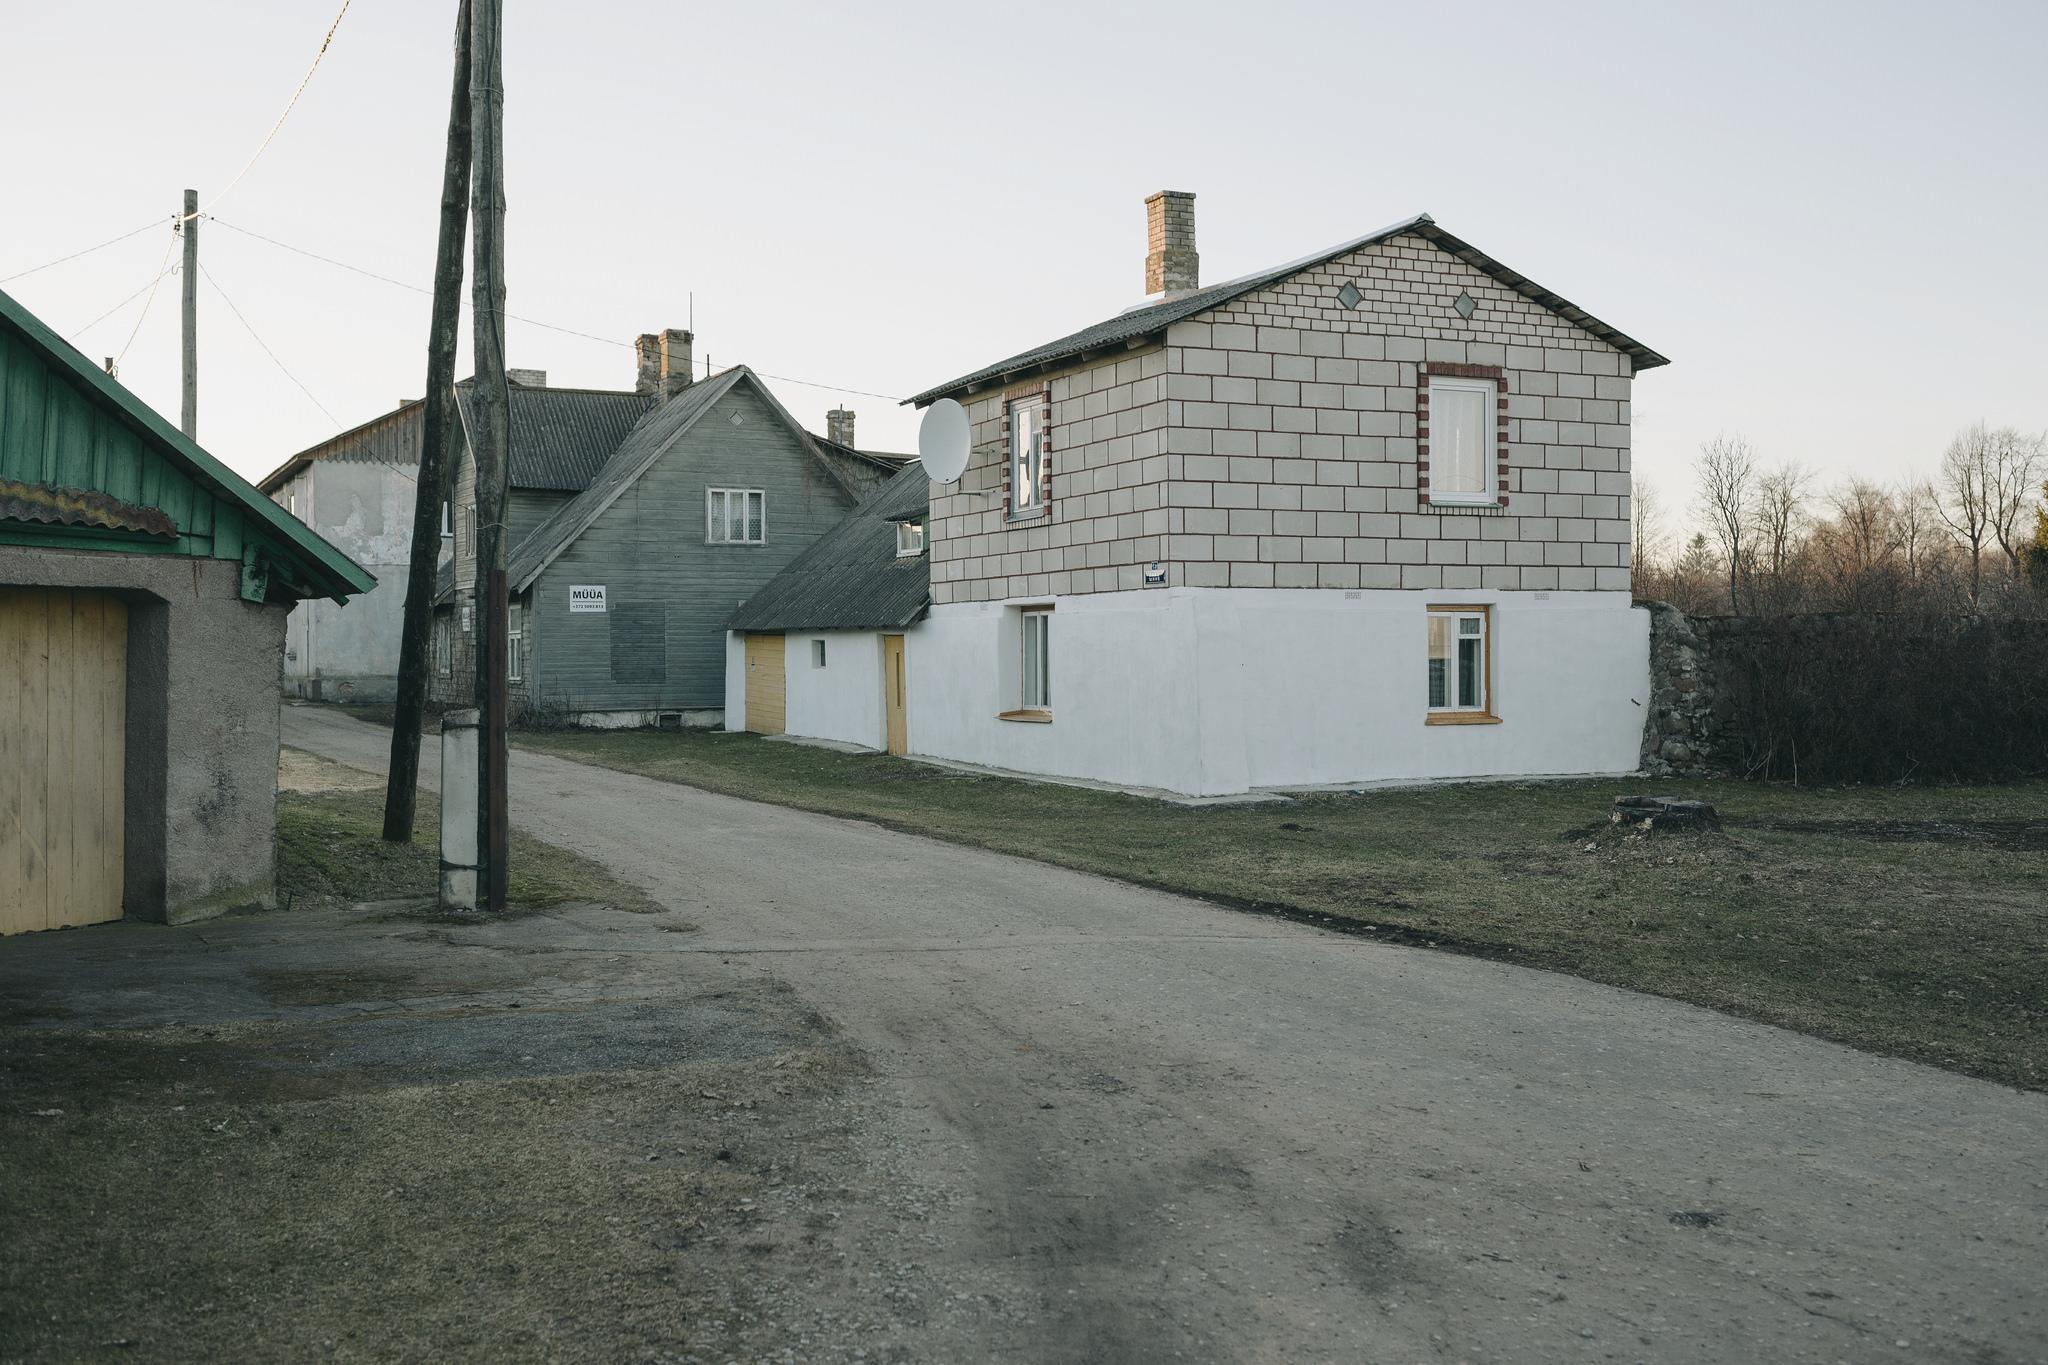 Kallaste, Estonia. March 2015.